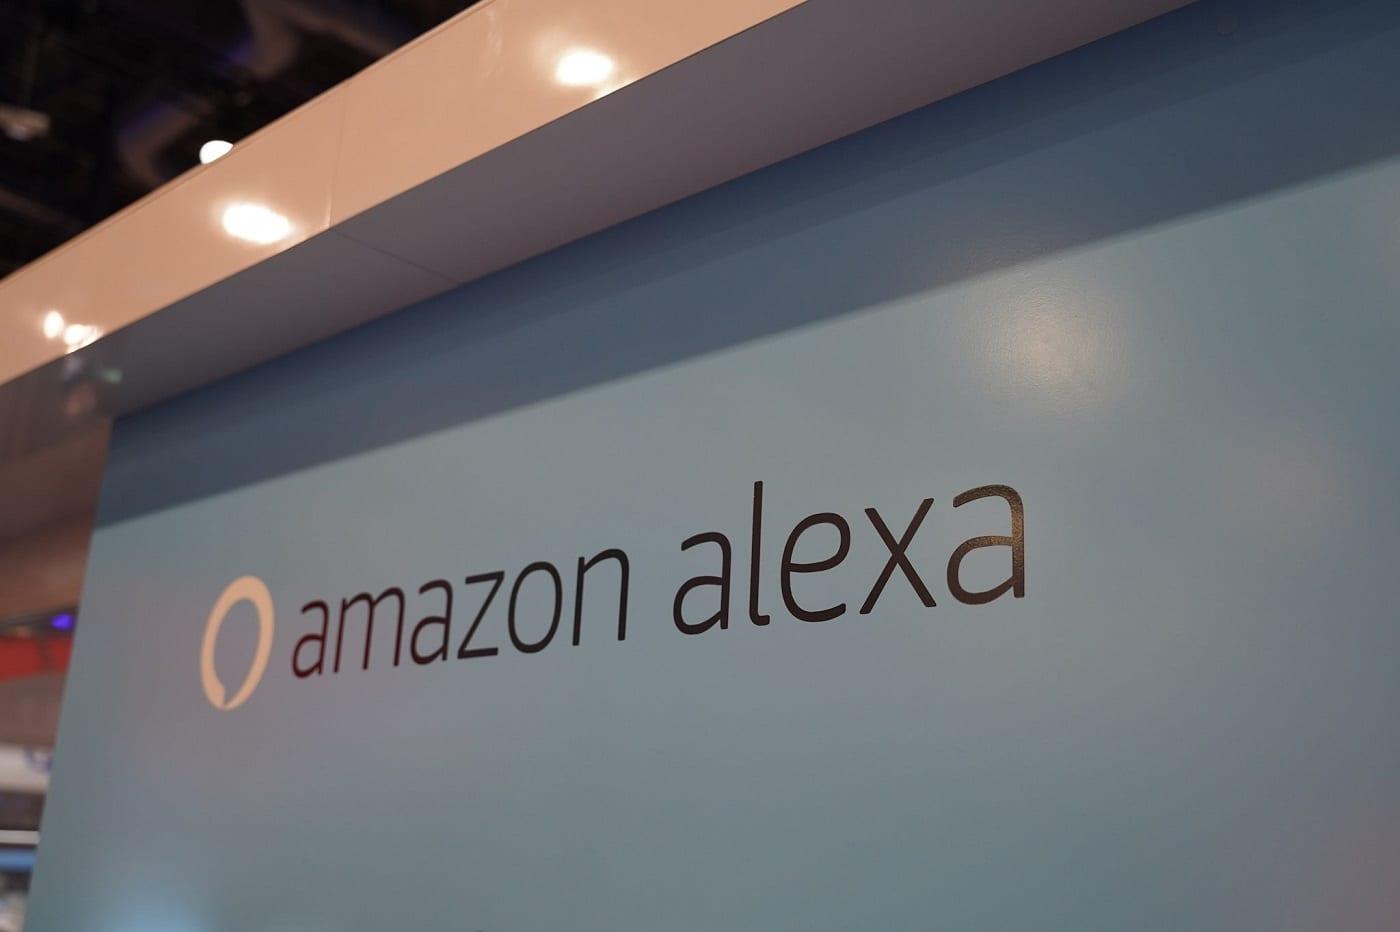 UTILISER AMAZON ALEXA SUR UN SMARTPHONE DEVIENT PLUS PRATIQUE